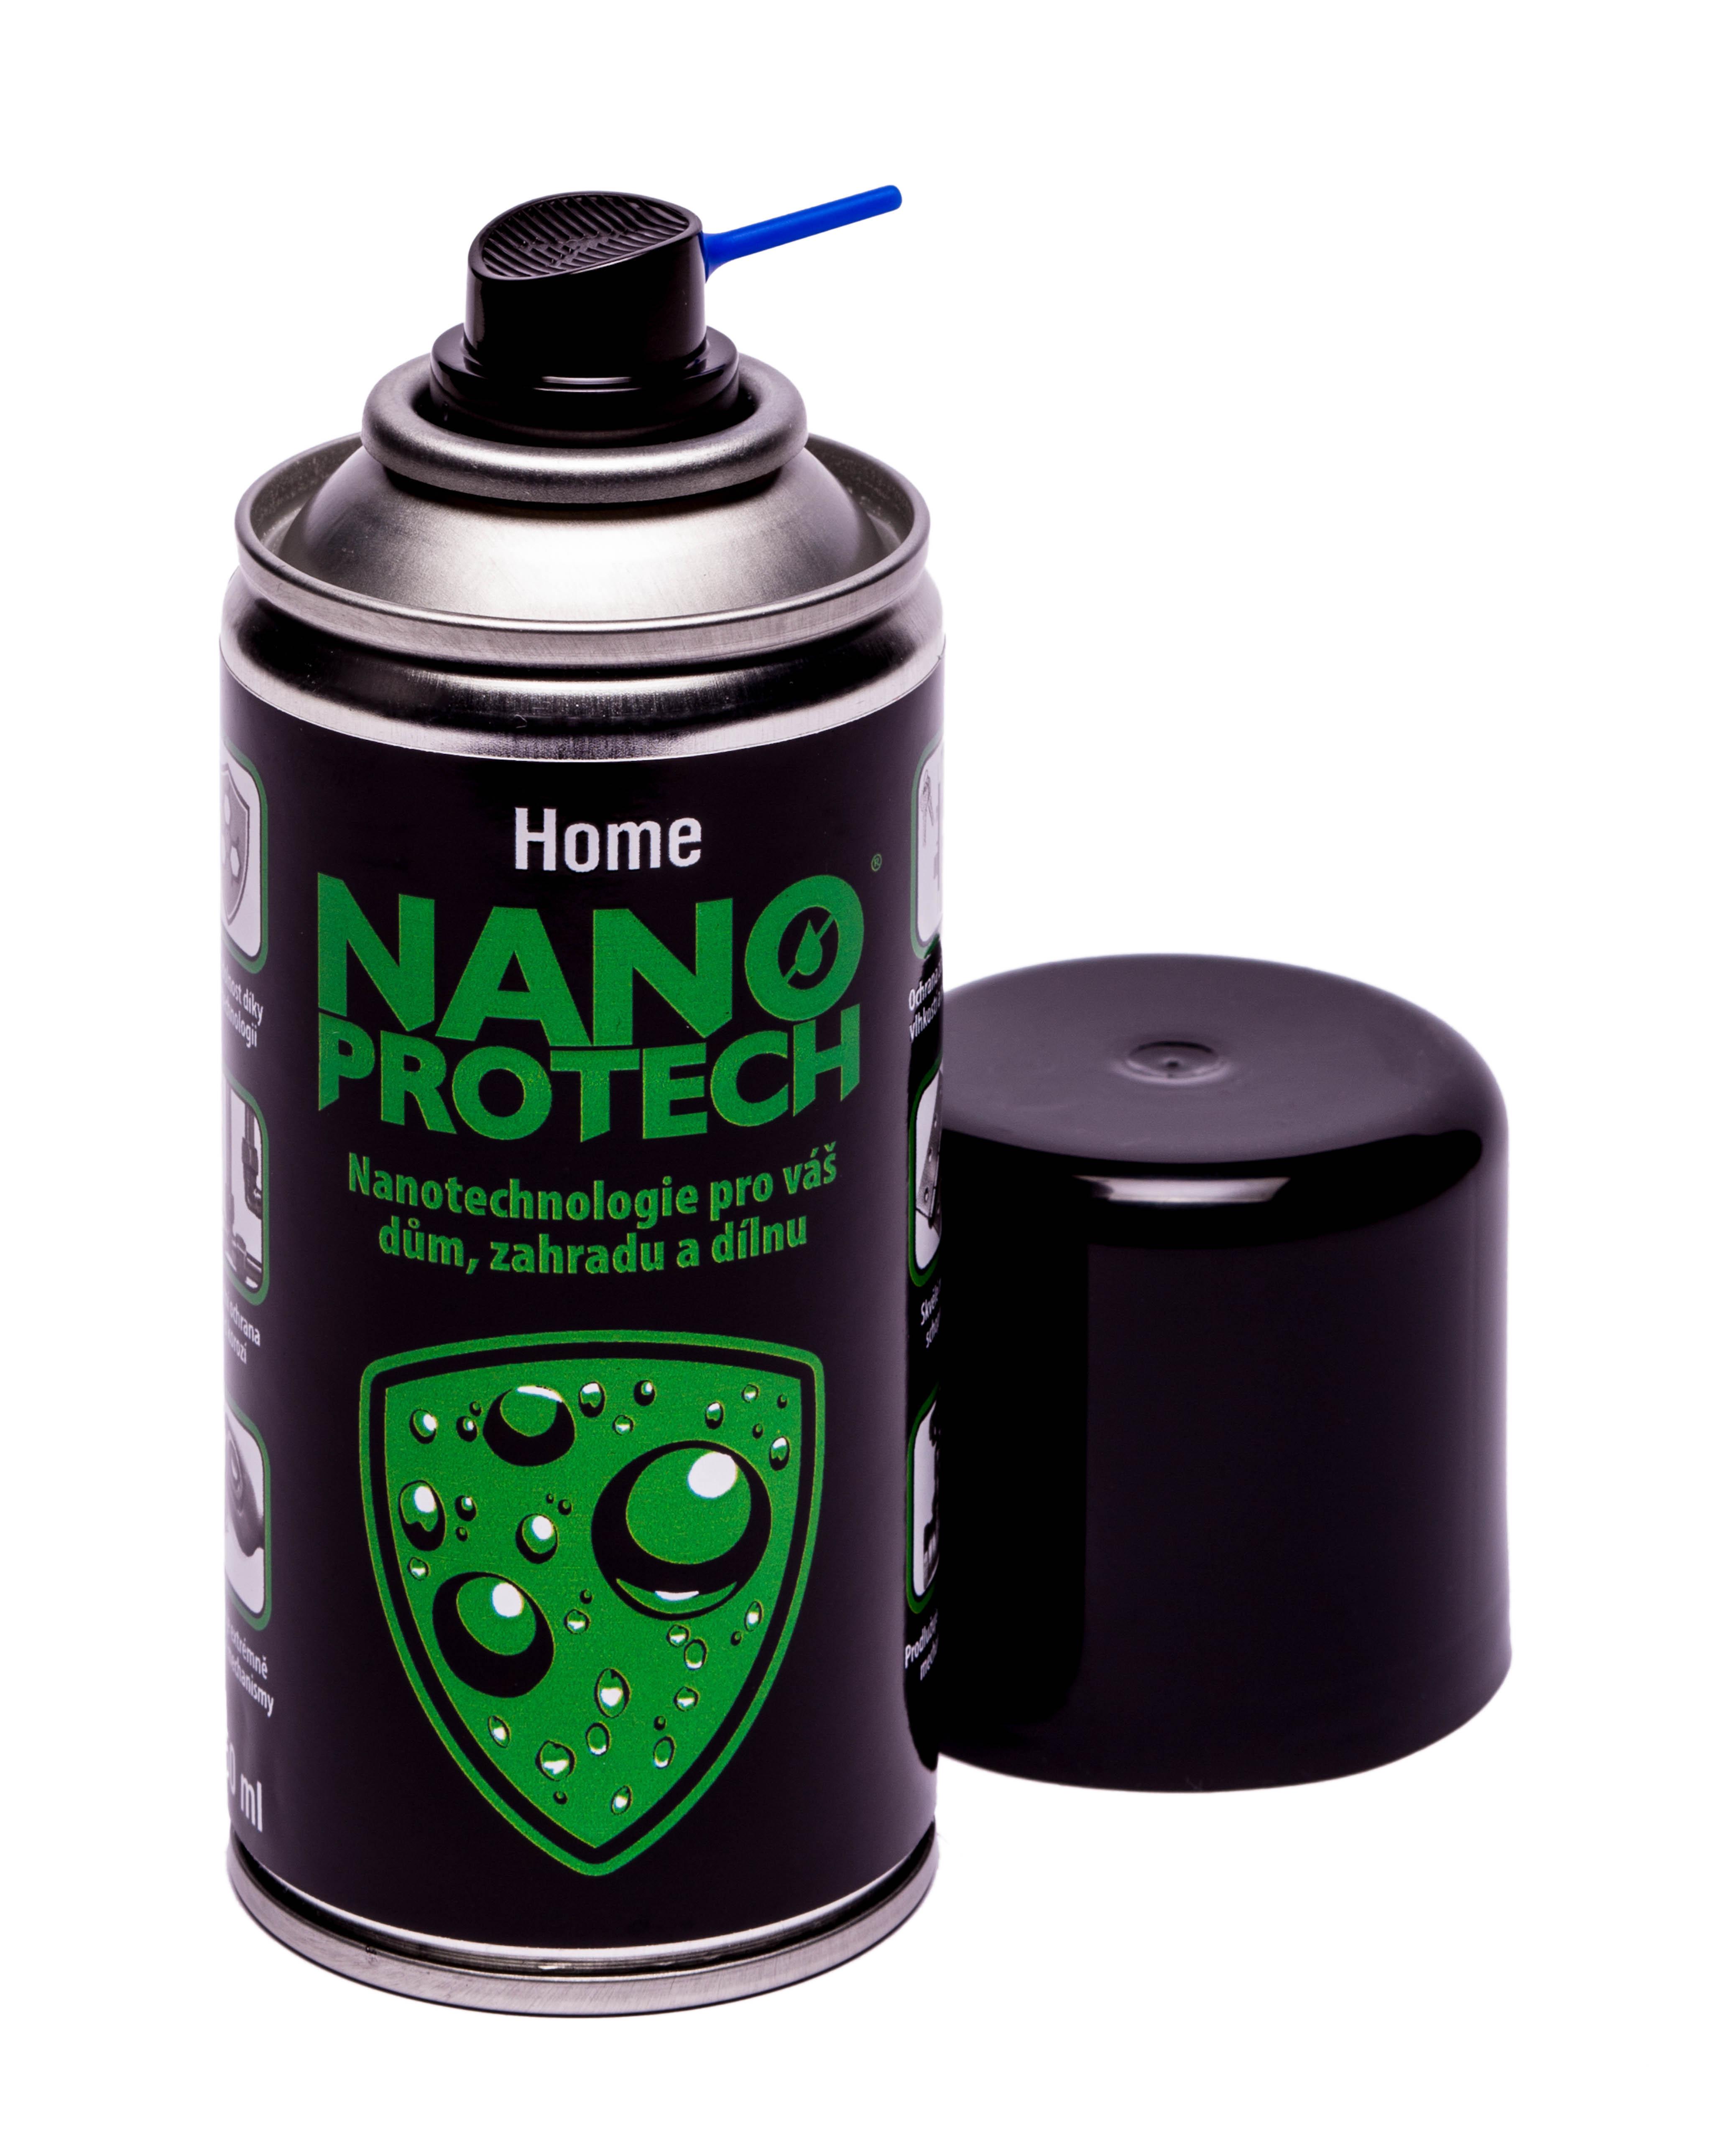 Revolucni Antikorozni A Mazaci Sprej Nanoprotech Home